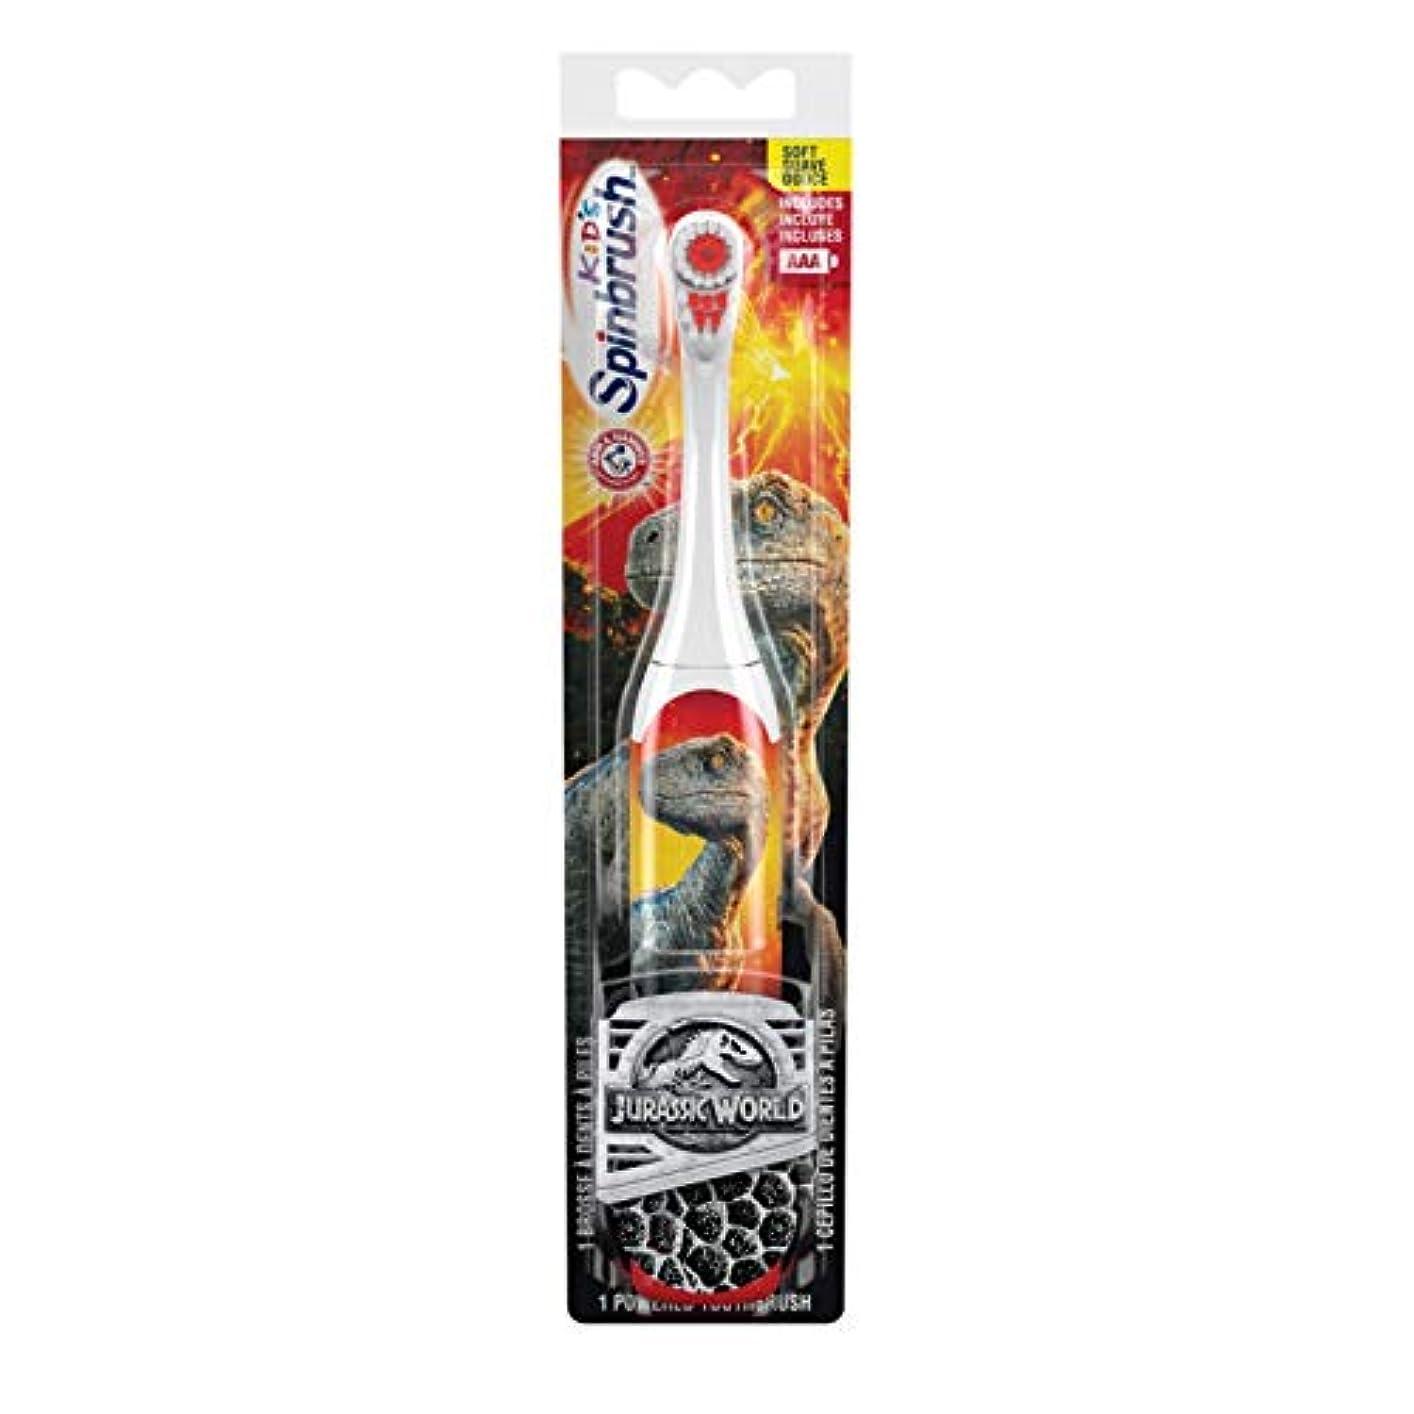 回復強調する眠いです海外直送品 お子様用ジェラシックワールド電動歯ブラシ 〈ソフト〉 ARM & HAMMER™ Spinbrush™ Jurrassic World 1 Powerd Thoothblash Soft